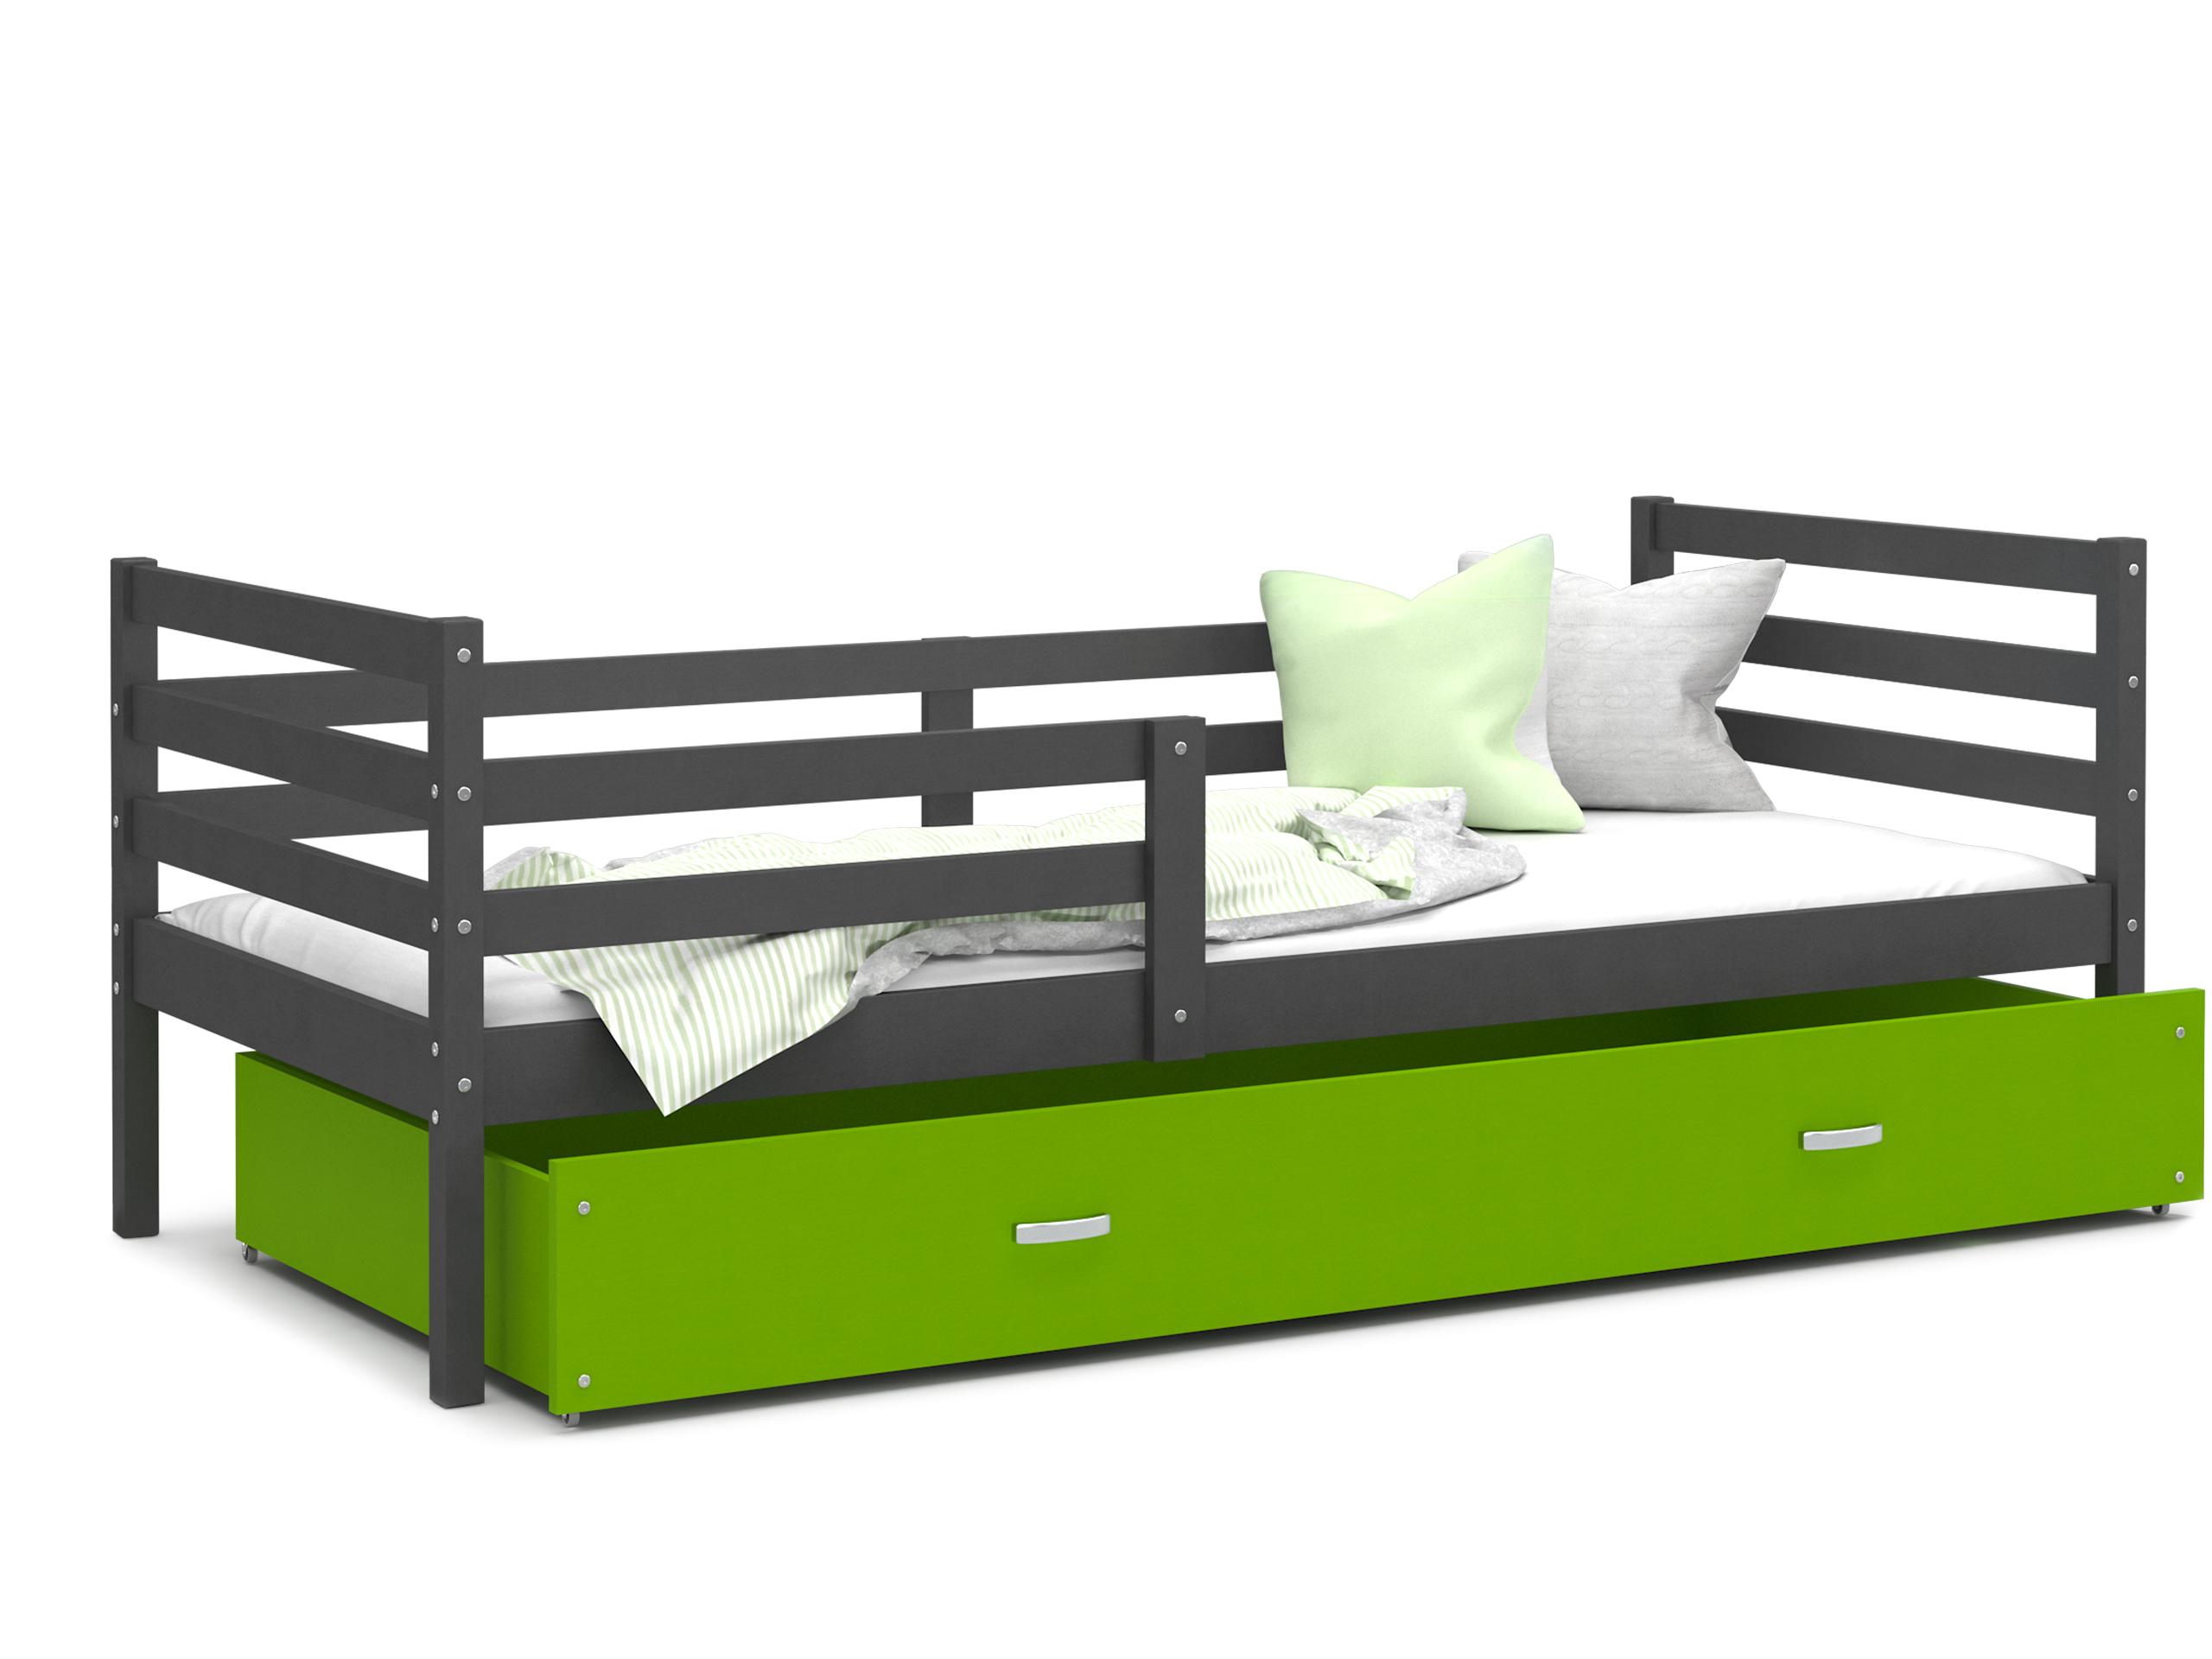 ArtAJ Detská posteľ JACEK P | 190 x 80 cm Farba: Sivá / zelená, Prevedenie: bez matraca, Rozmer.: MDF